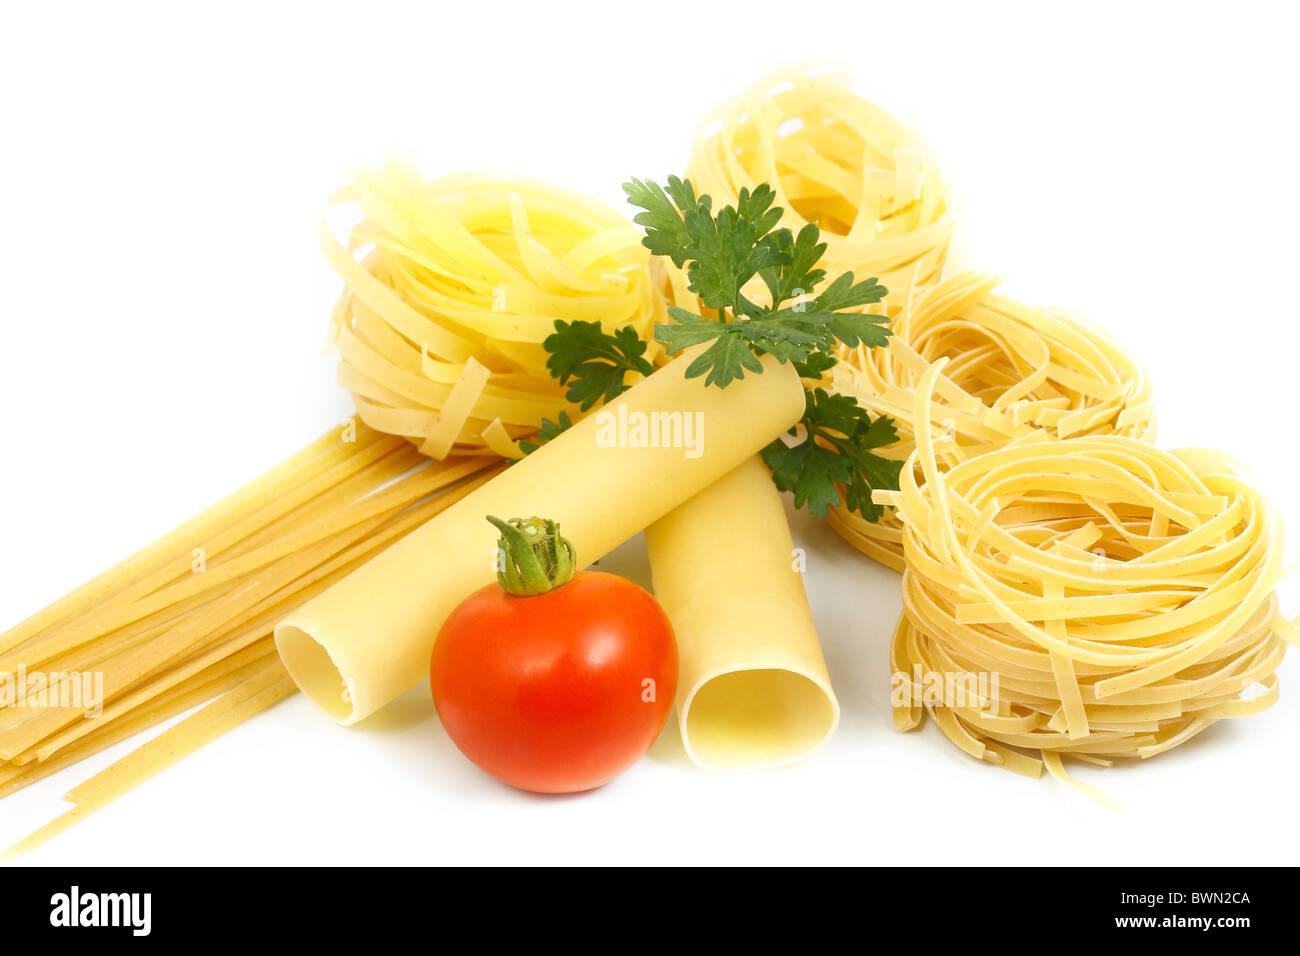 Pâtes aux tomates et verts Photo Stock